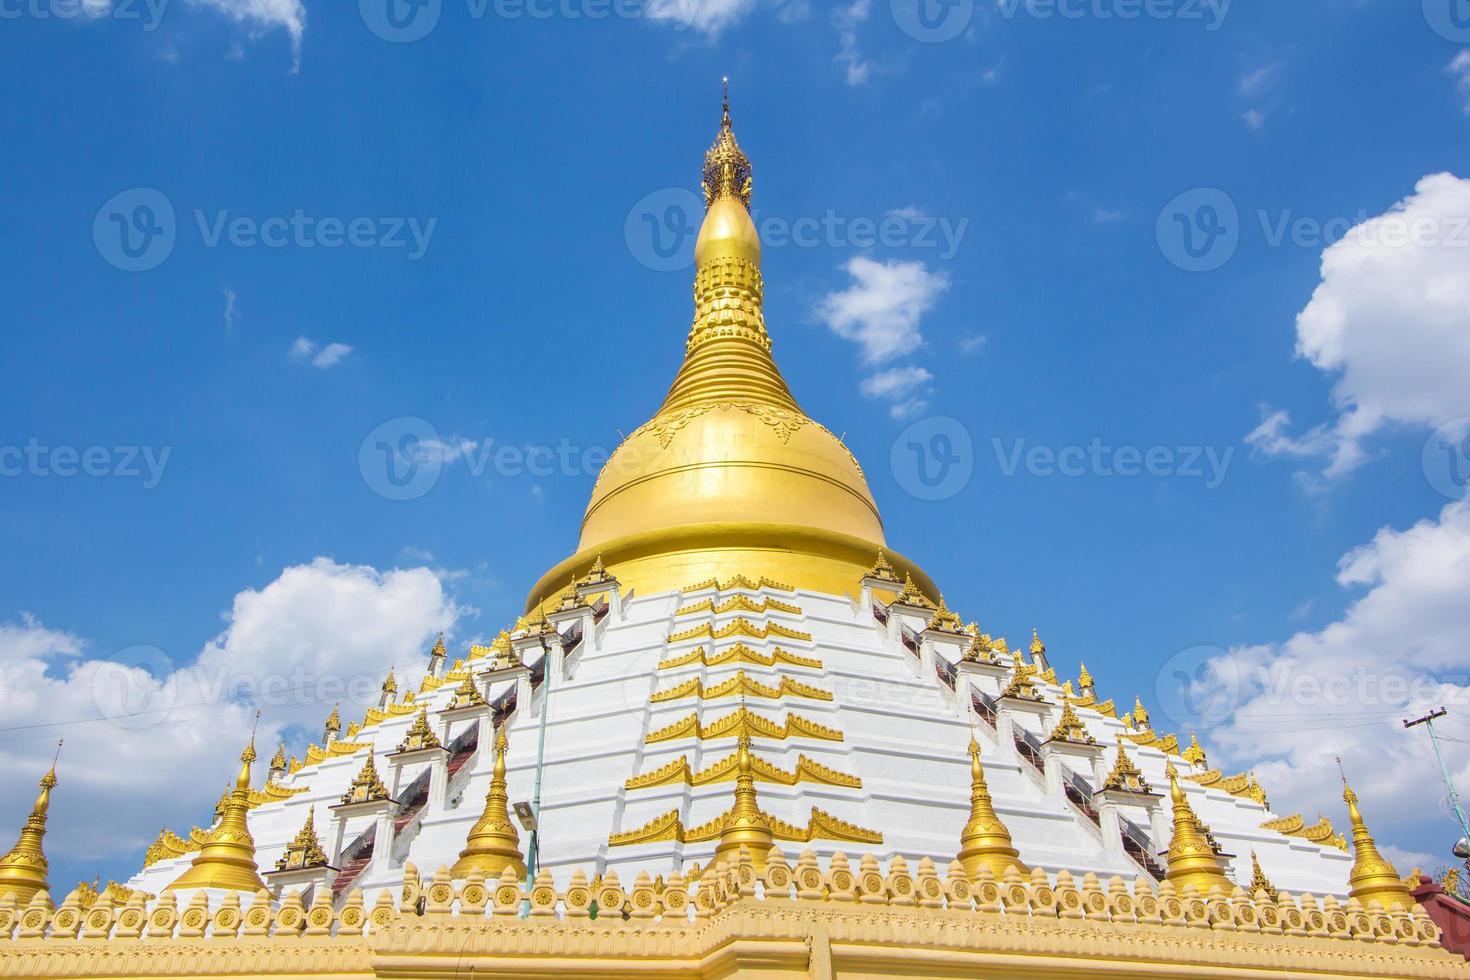 goldene pagode bago myanmar. foto